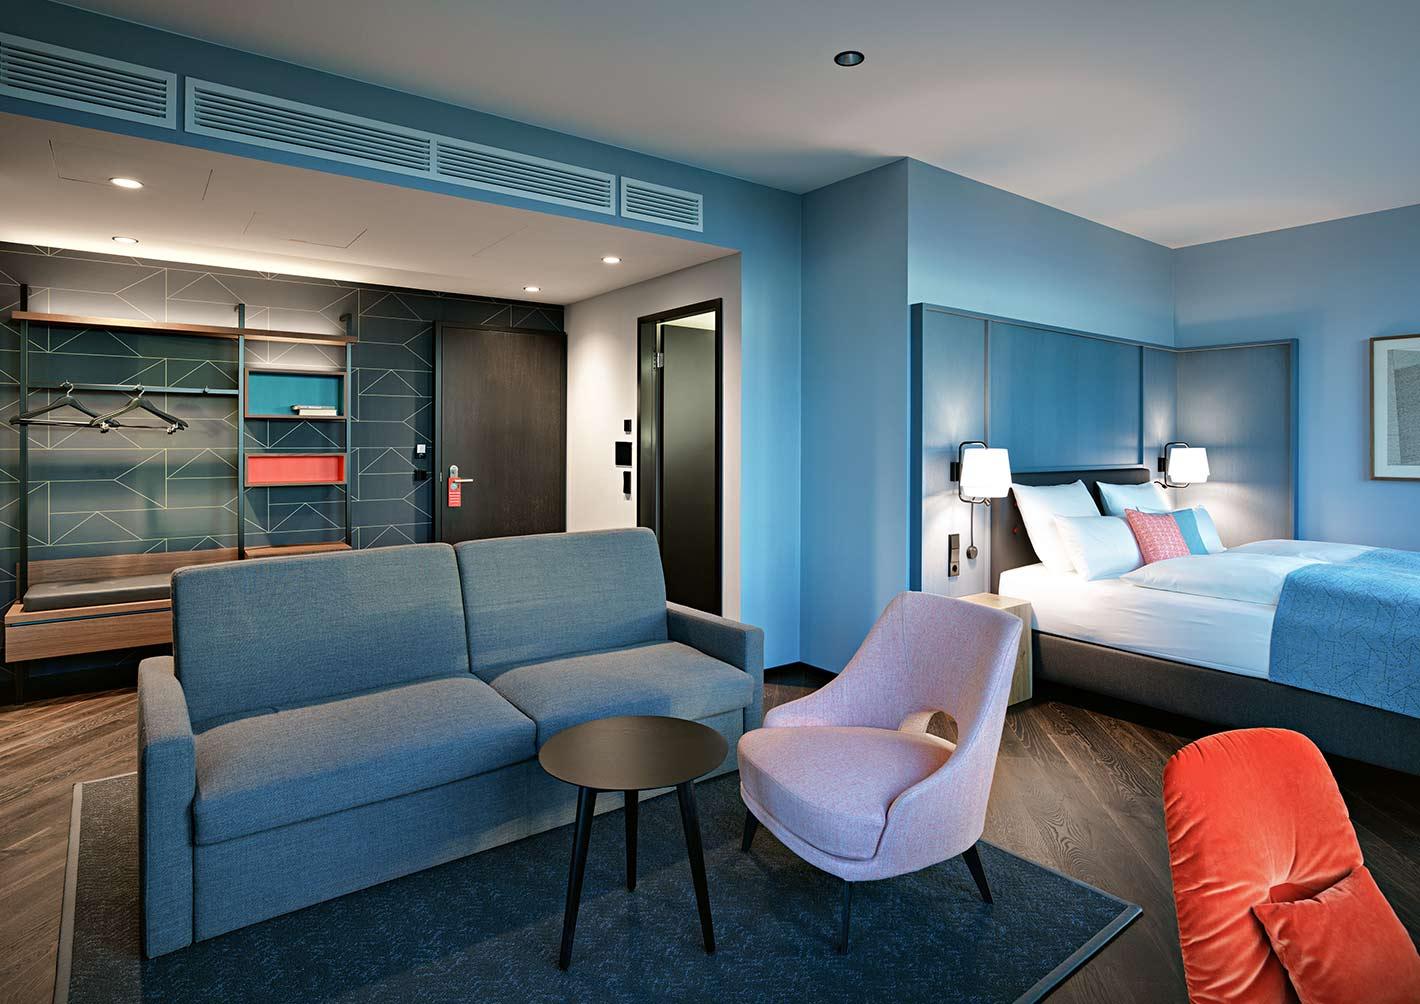 panoramahotel-waldenburg-4-sterne-hotel-zimmer-suiten-uebersicht-galerie